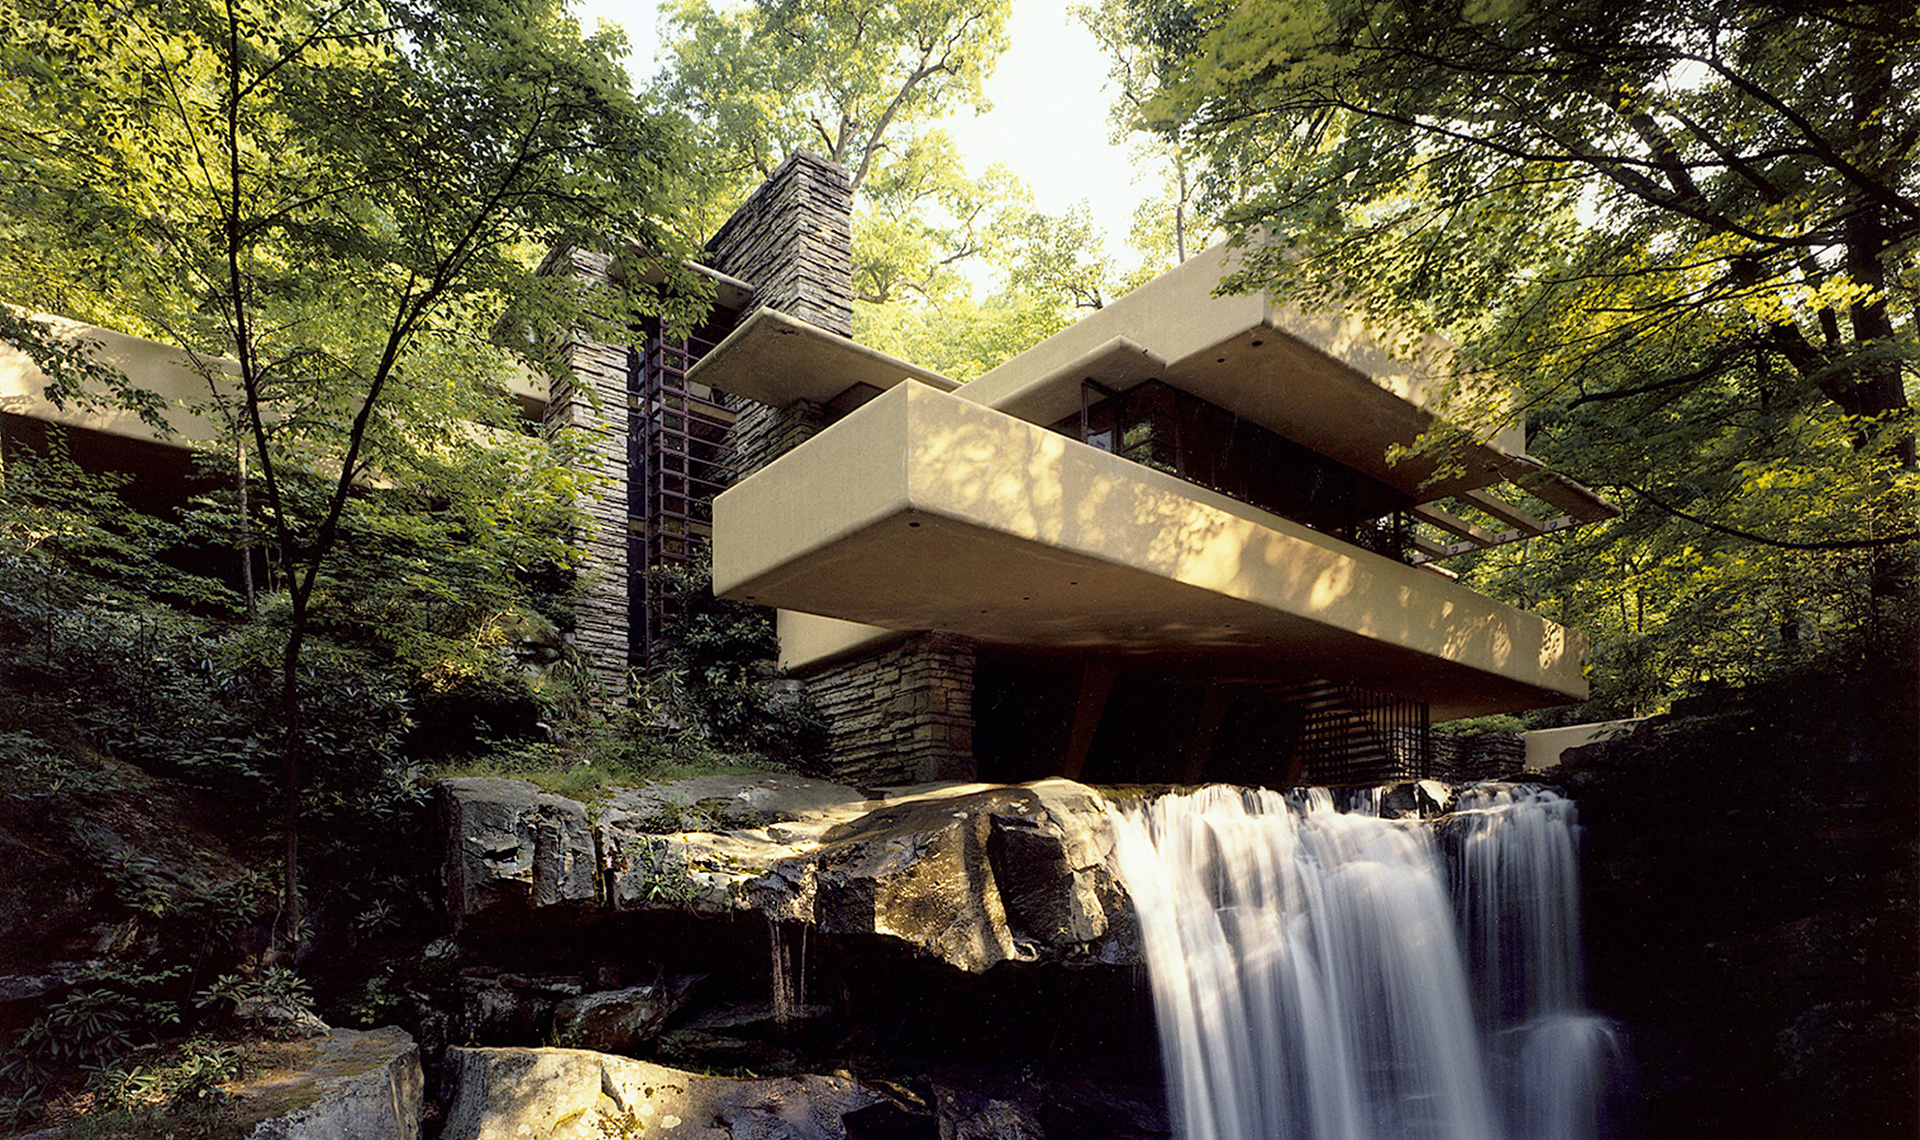 Самые красивые дома мира: 25 частных резиденций